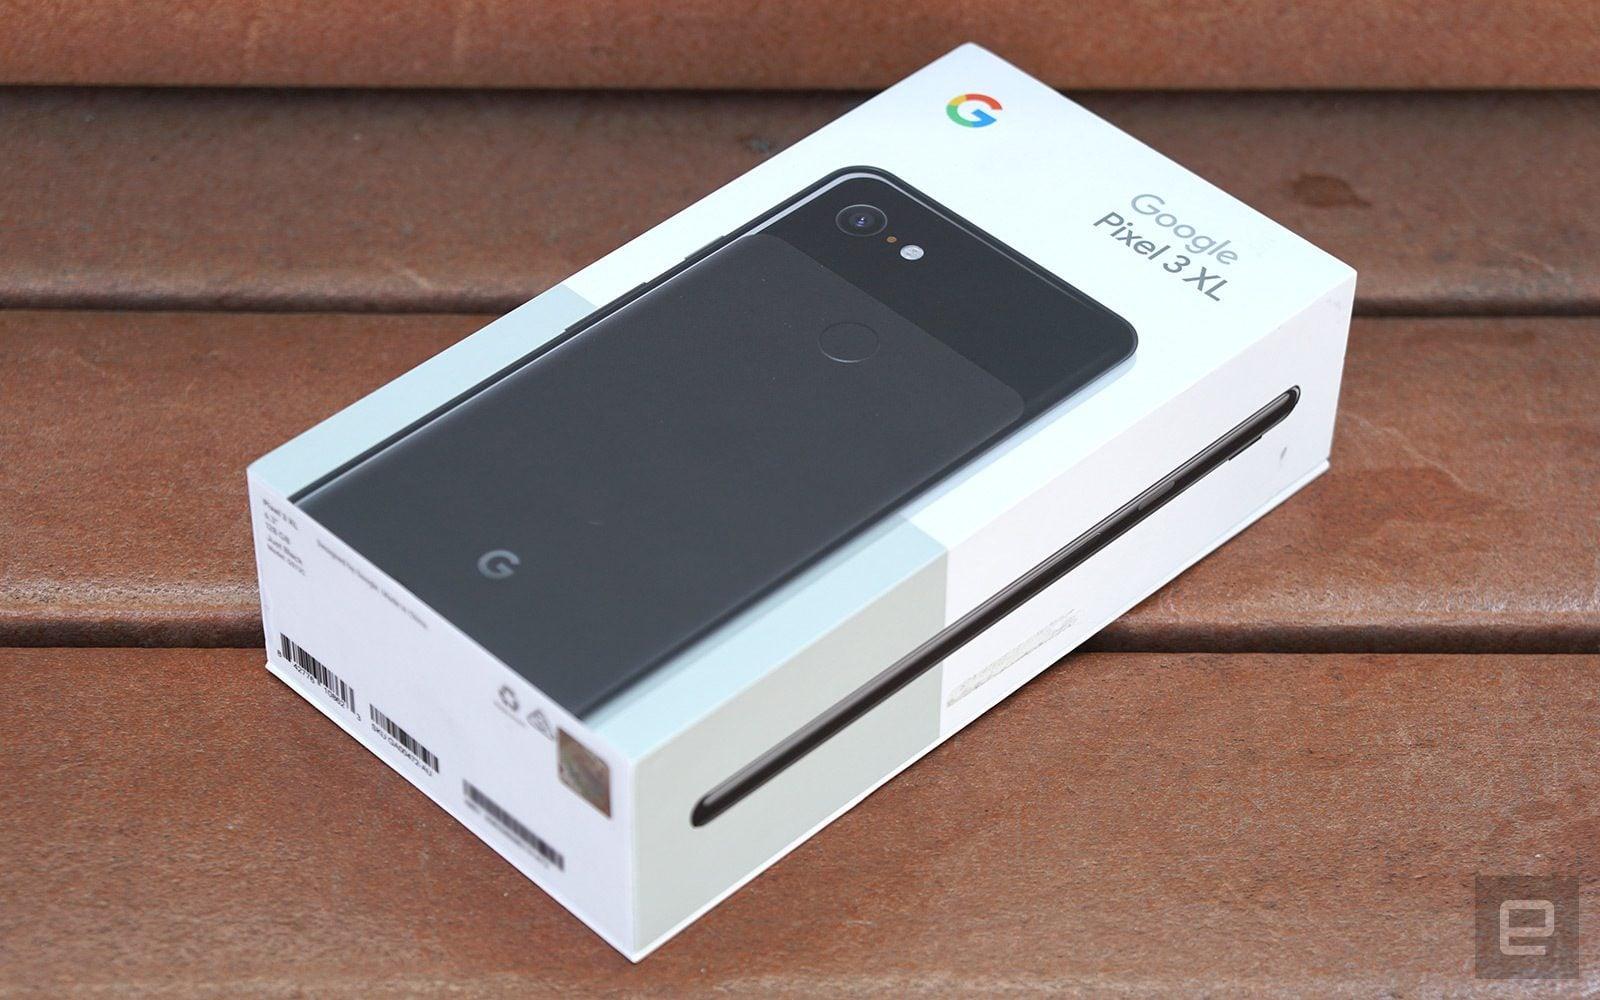 Google Pixel 2 mit besserer Kamera als iPhone 8 und Galaxy Note 8 techboys.de • smarte News, auf den Punkt!